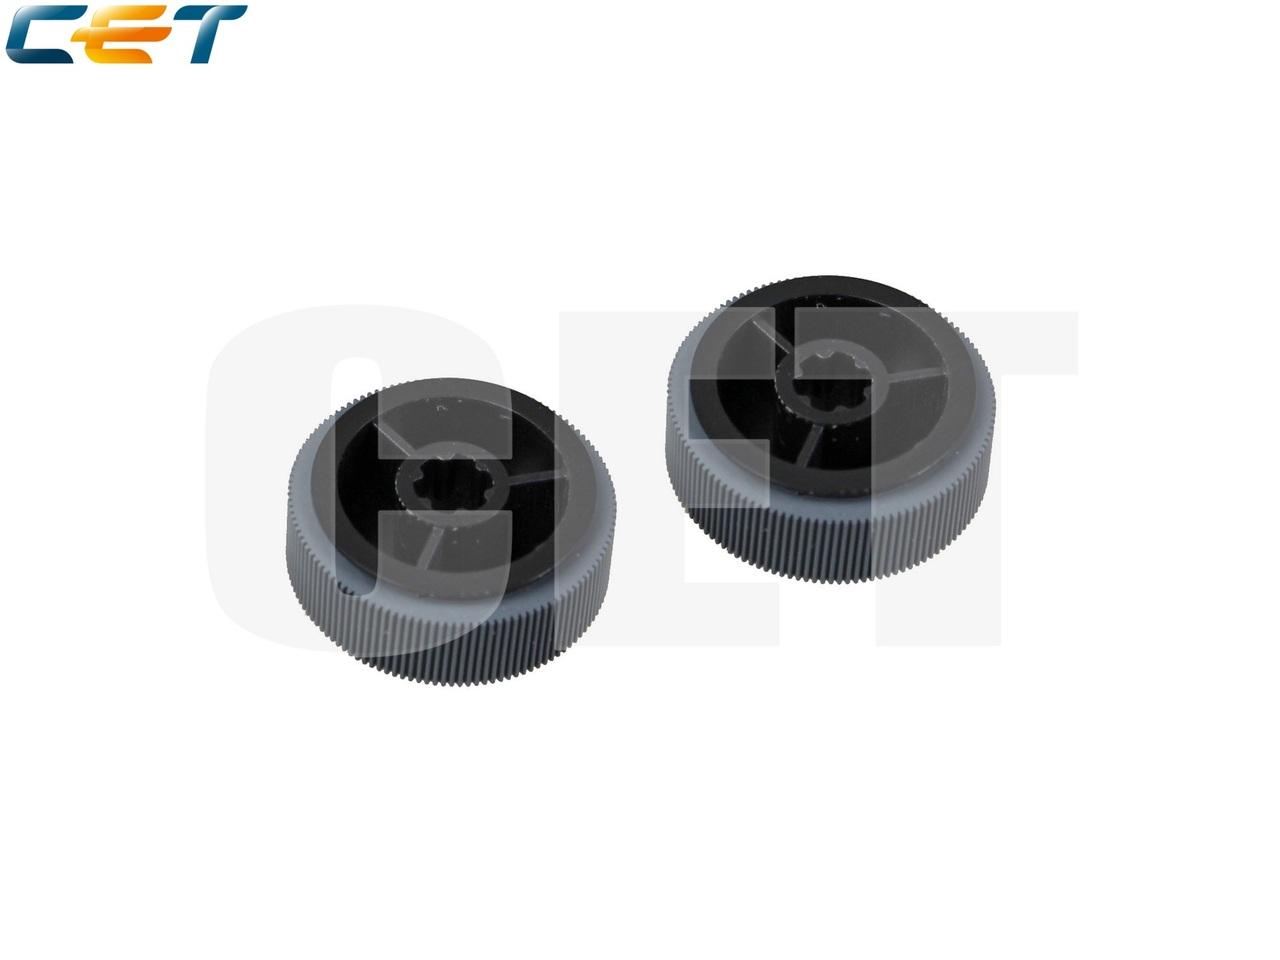 Комплект роликов 41X0919, 40X8260 для LEXMARKMX310dn/MX410de/MS310dn/MS410dn/MS312dn/MS315dn/MS415dn (CET), 2 шт/компл, CET2839